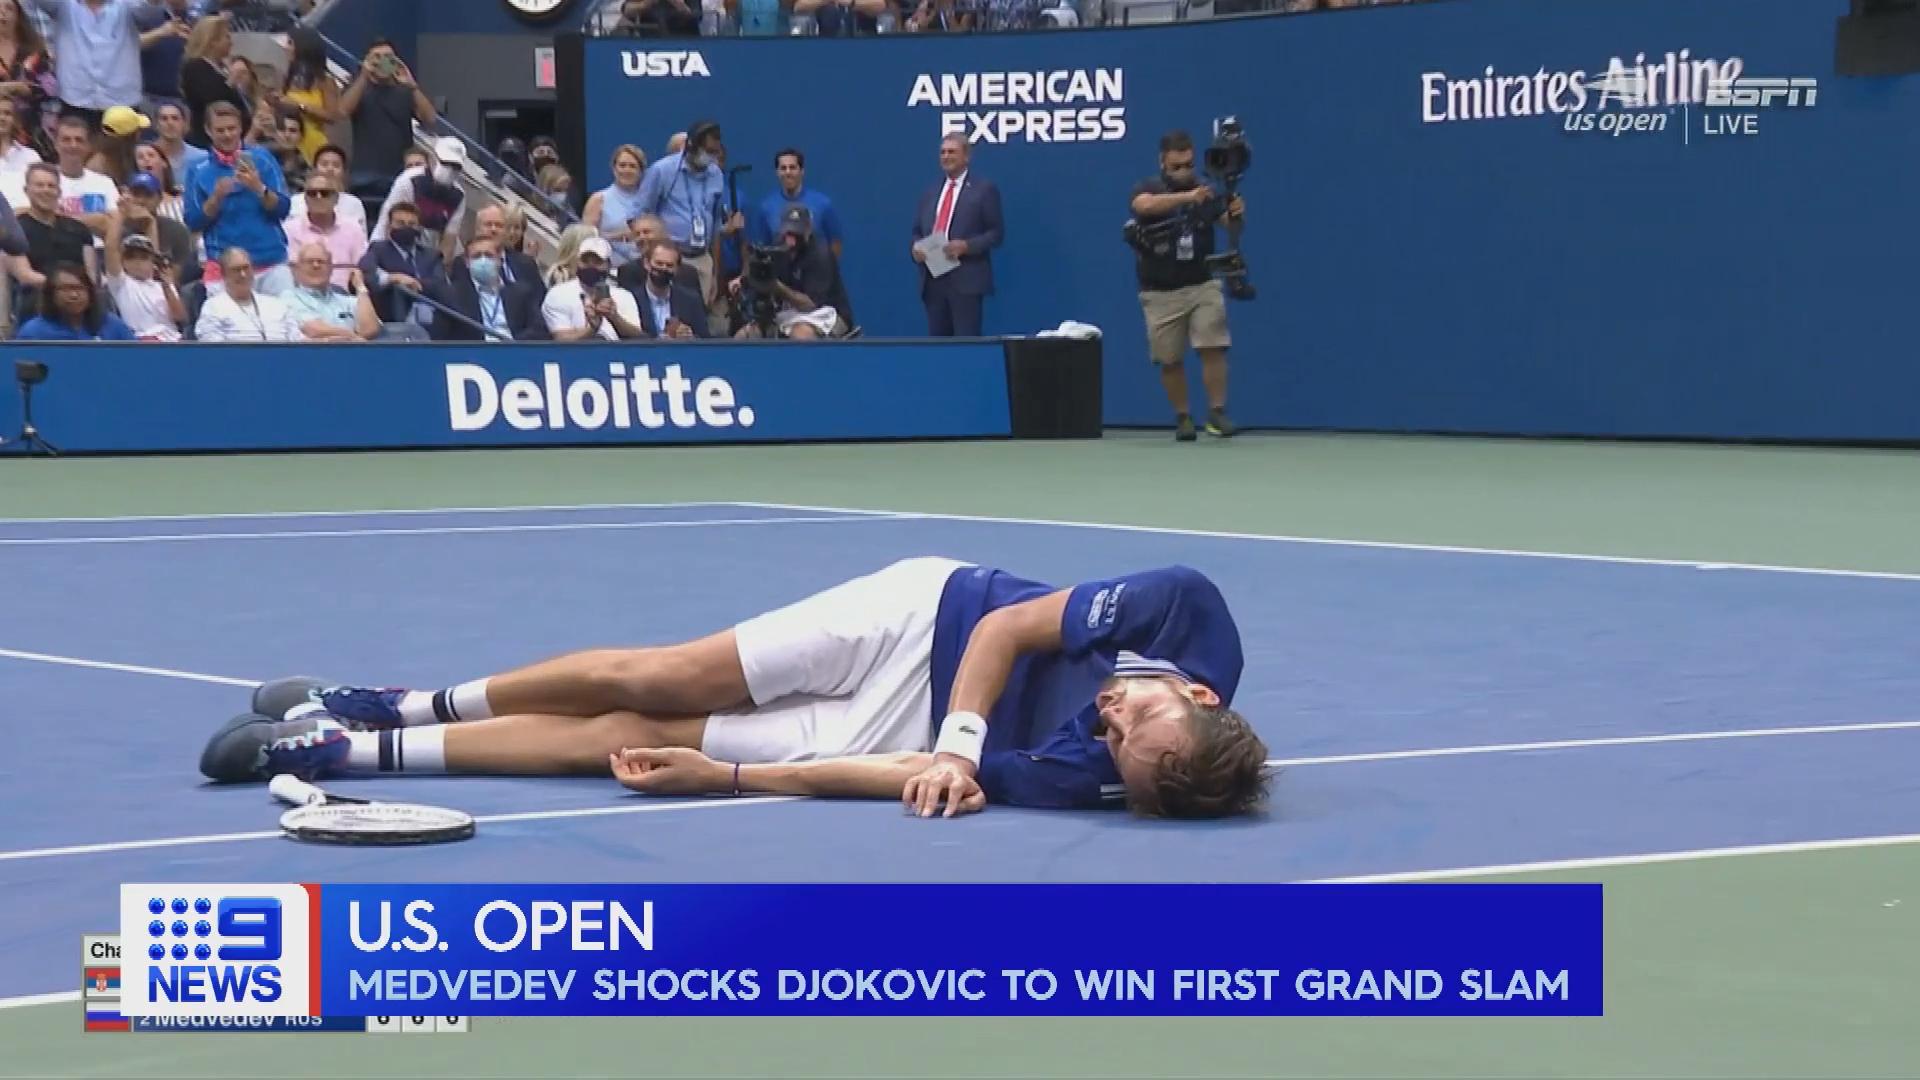 Medvedev US Open win denies Djokovic Grand Slam